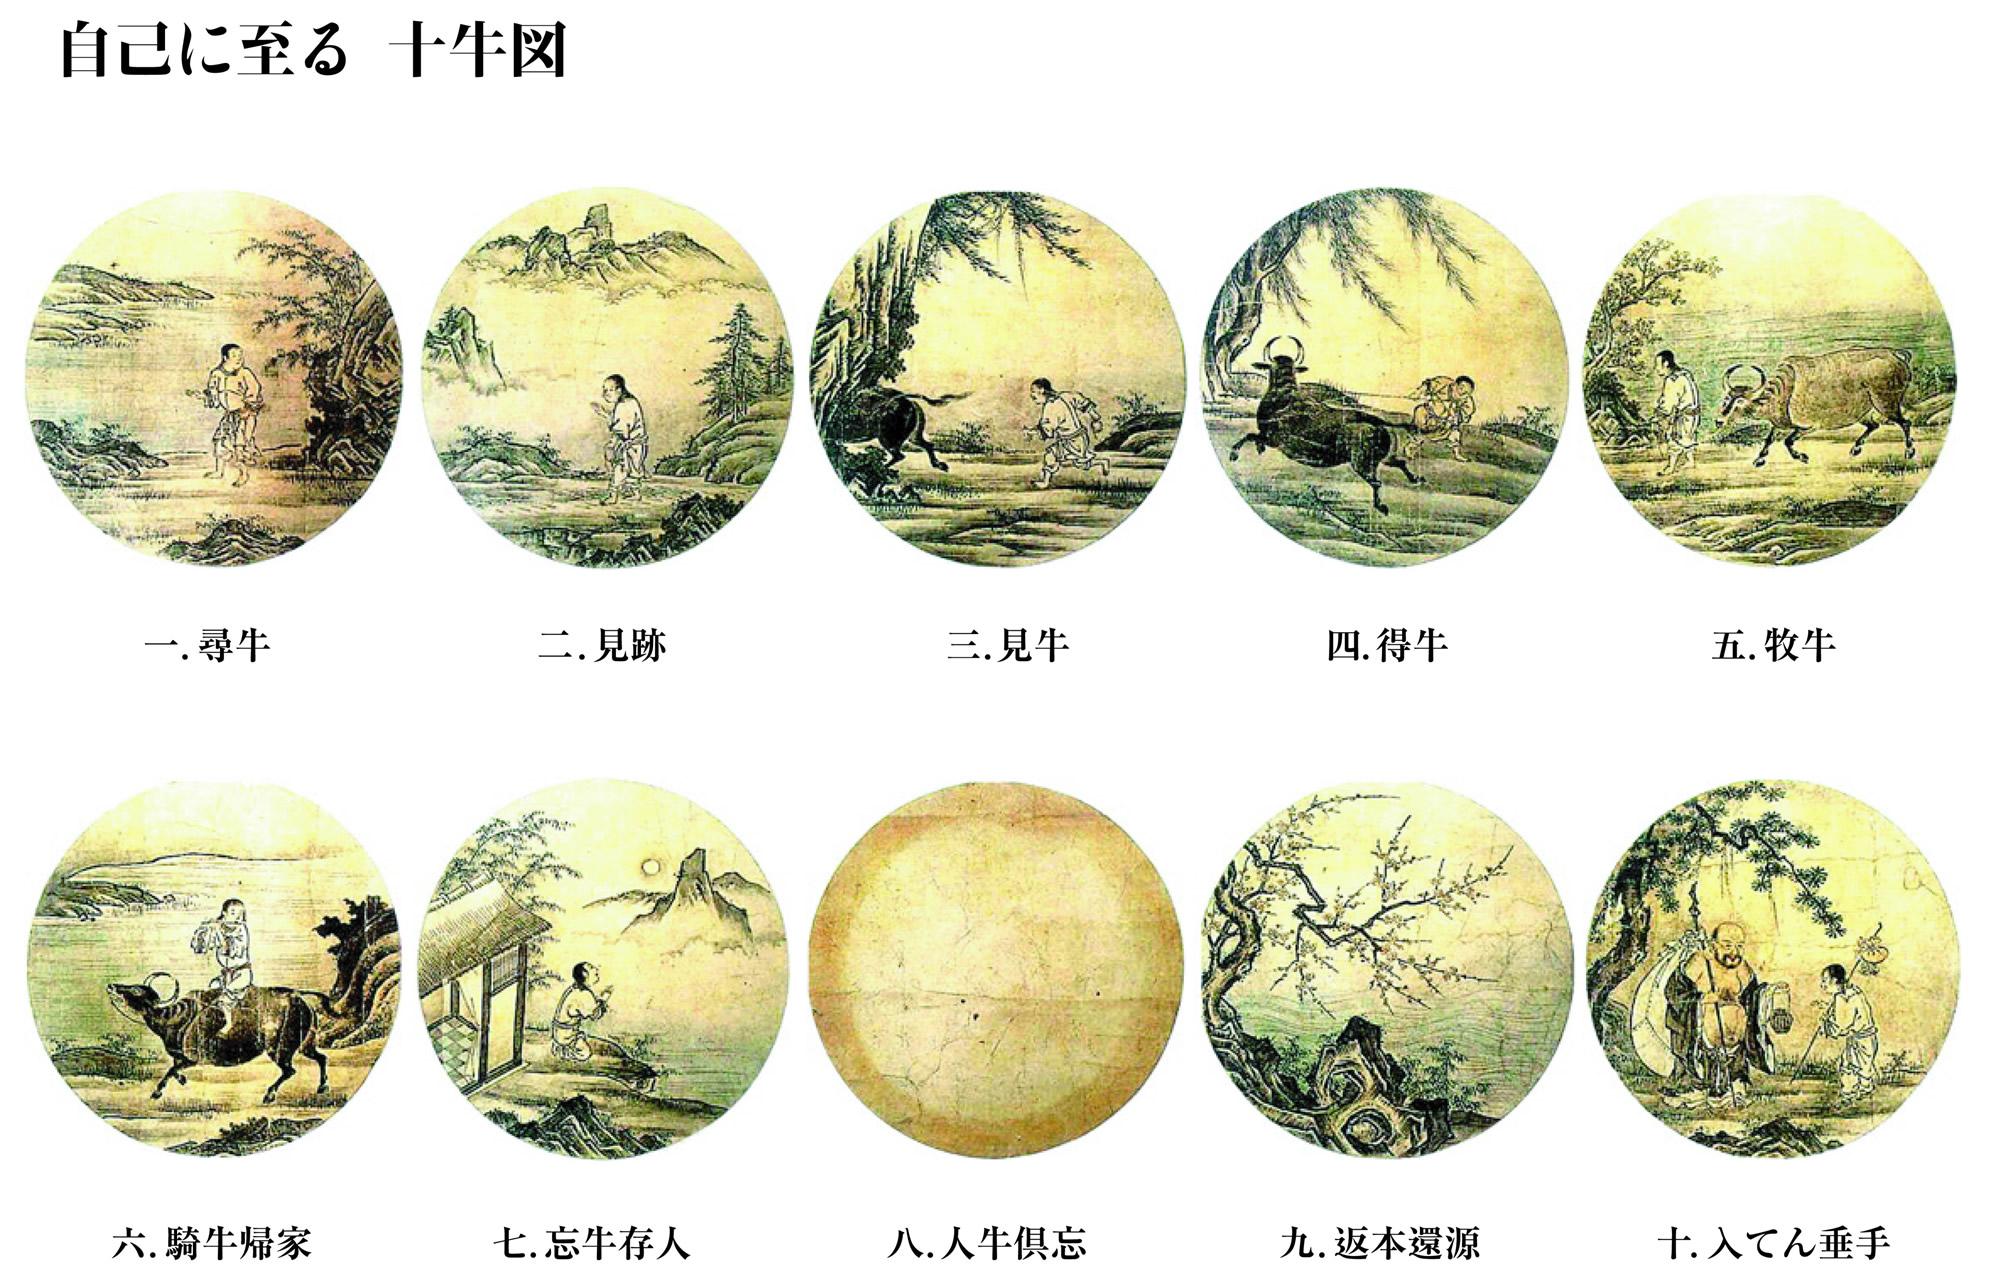 jugyu-1.jpg